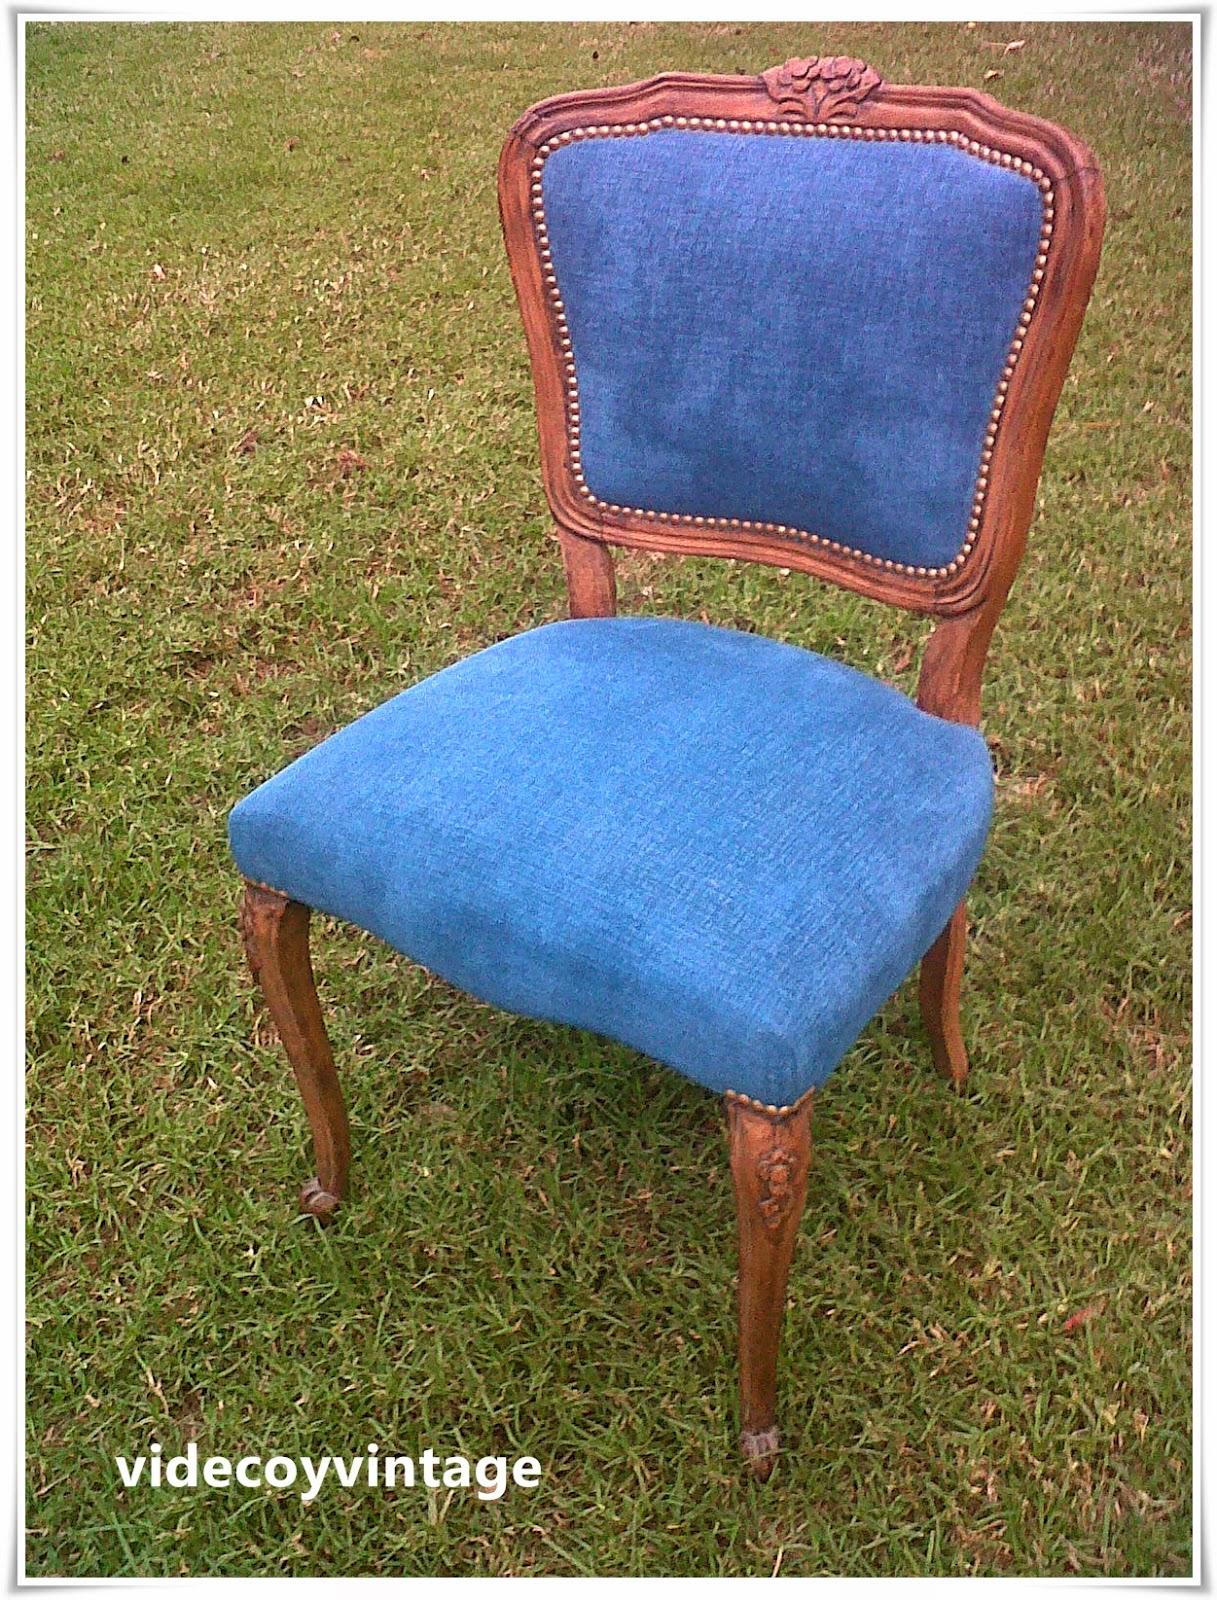 Videcoyvintage deco una silla dos versiones - Sillas estilo provenzal ...